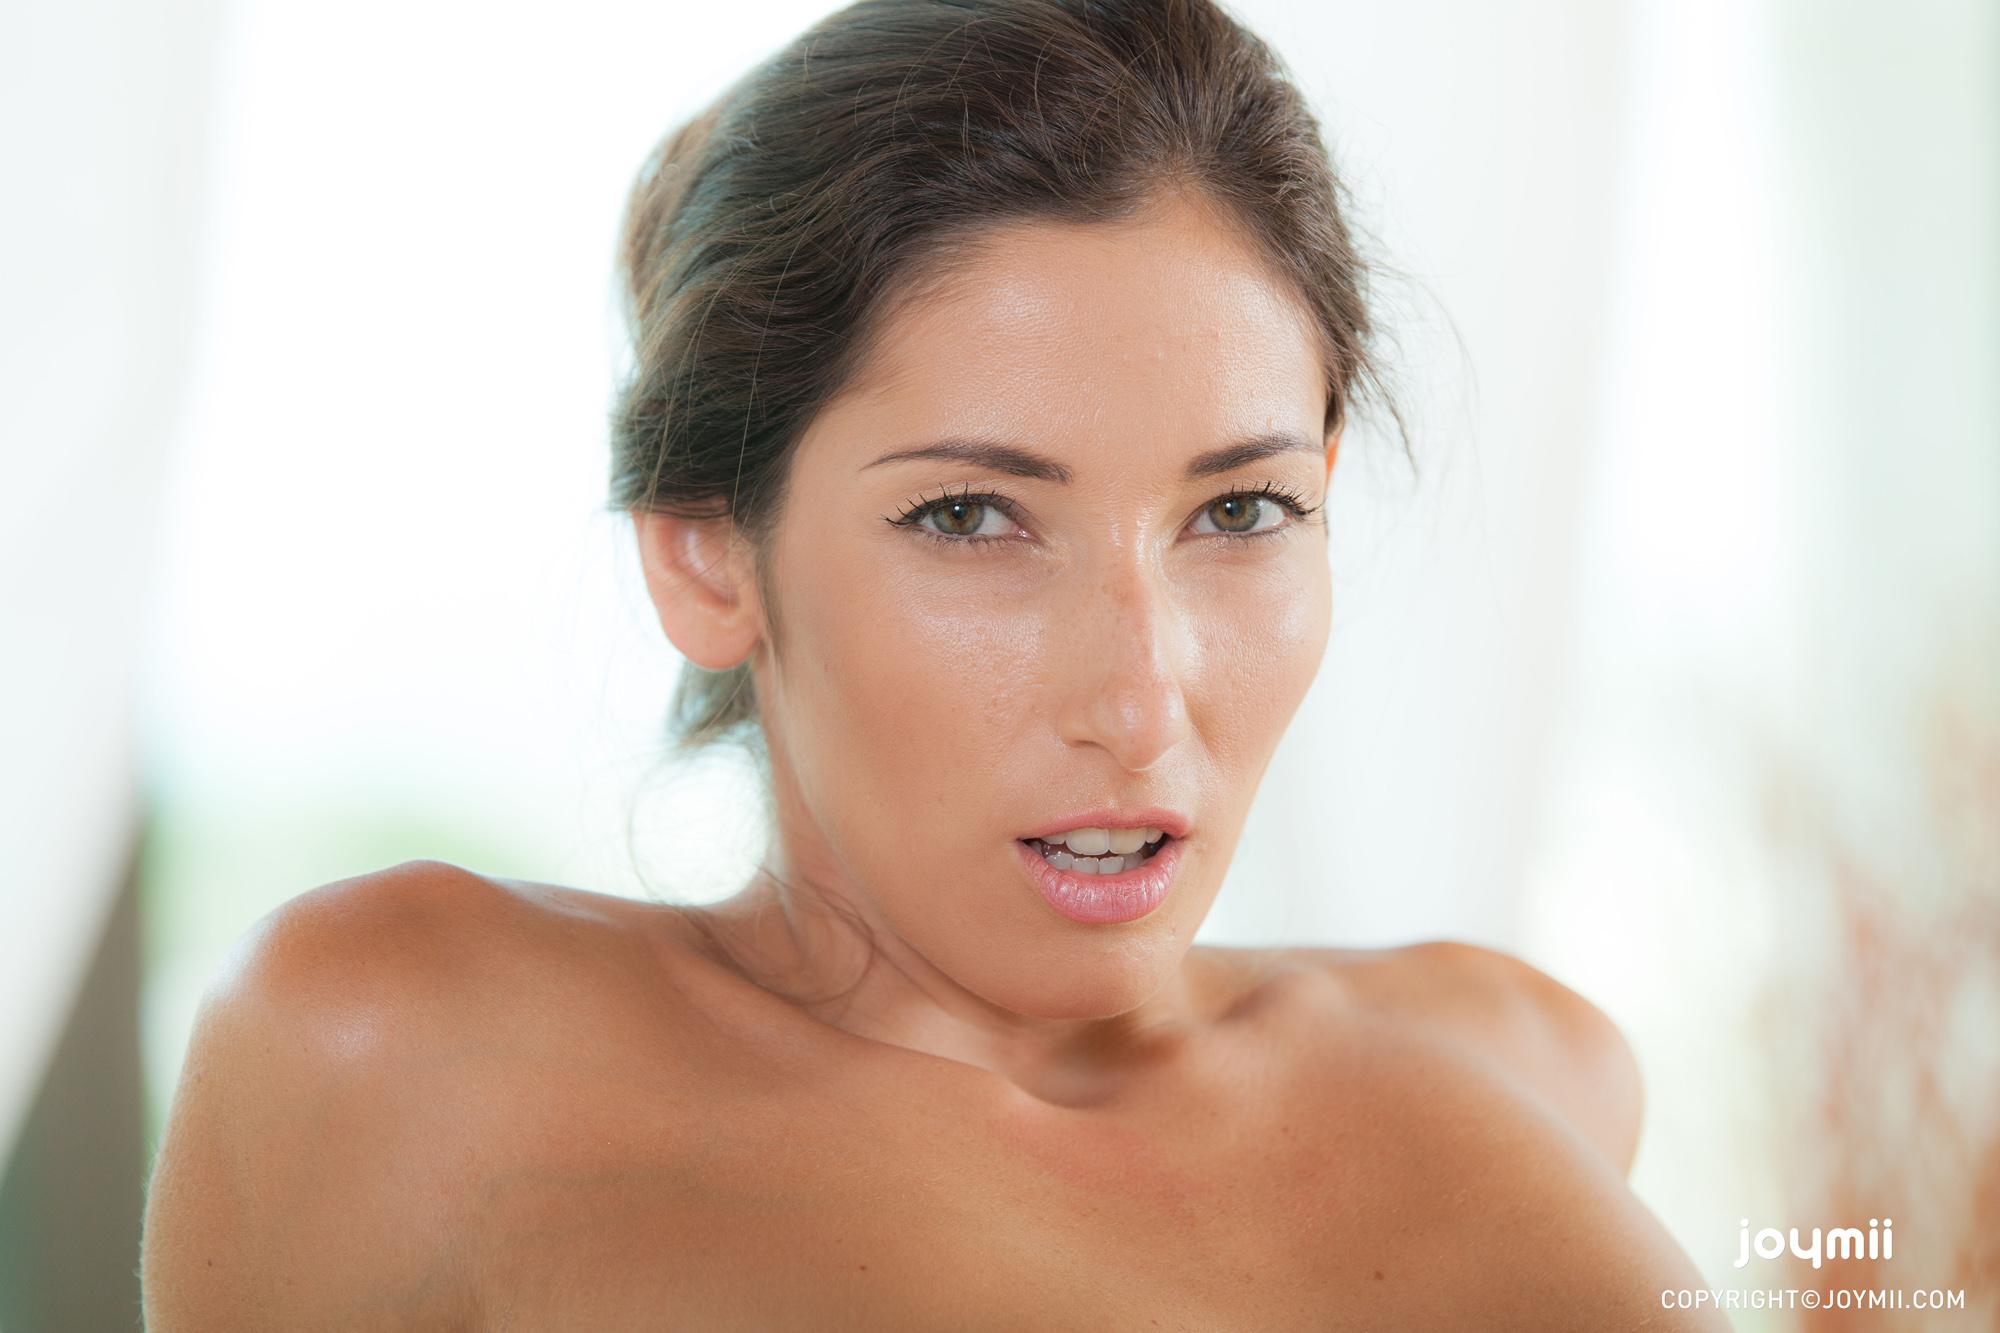 Пикап секс с незнакомкой 165 порно видео